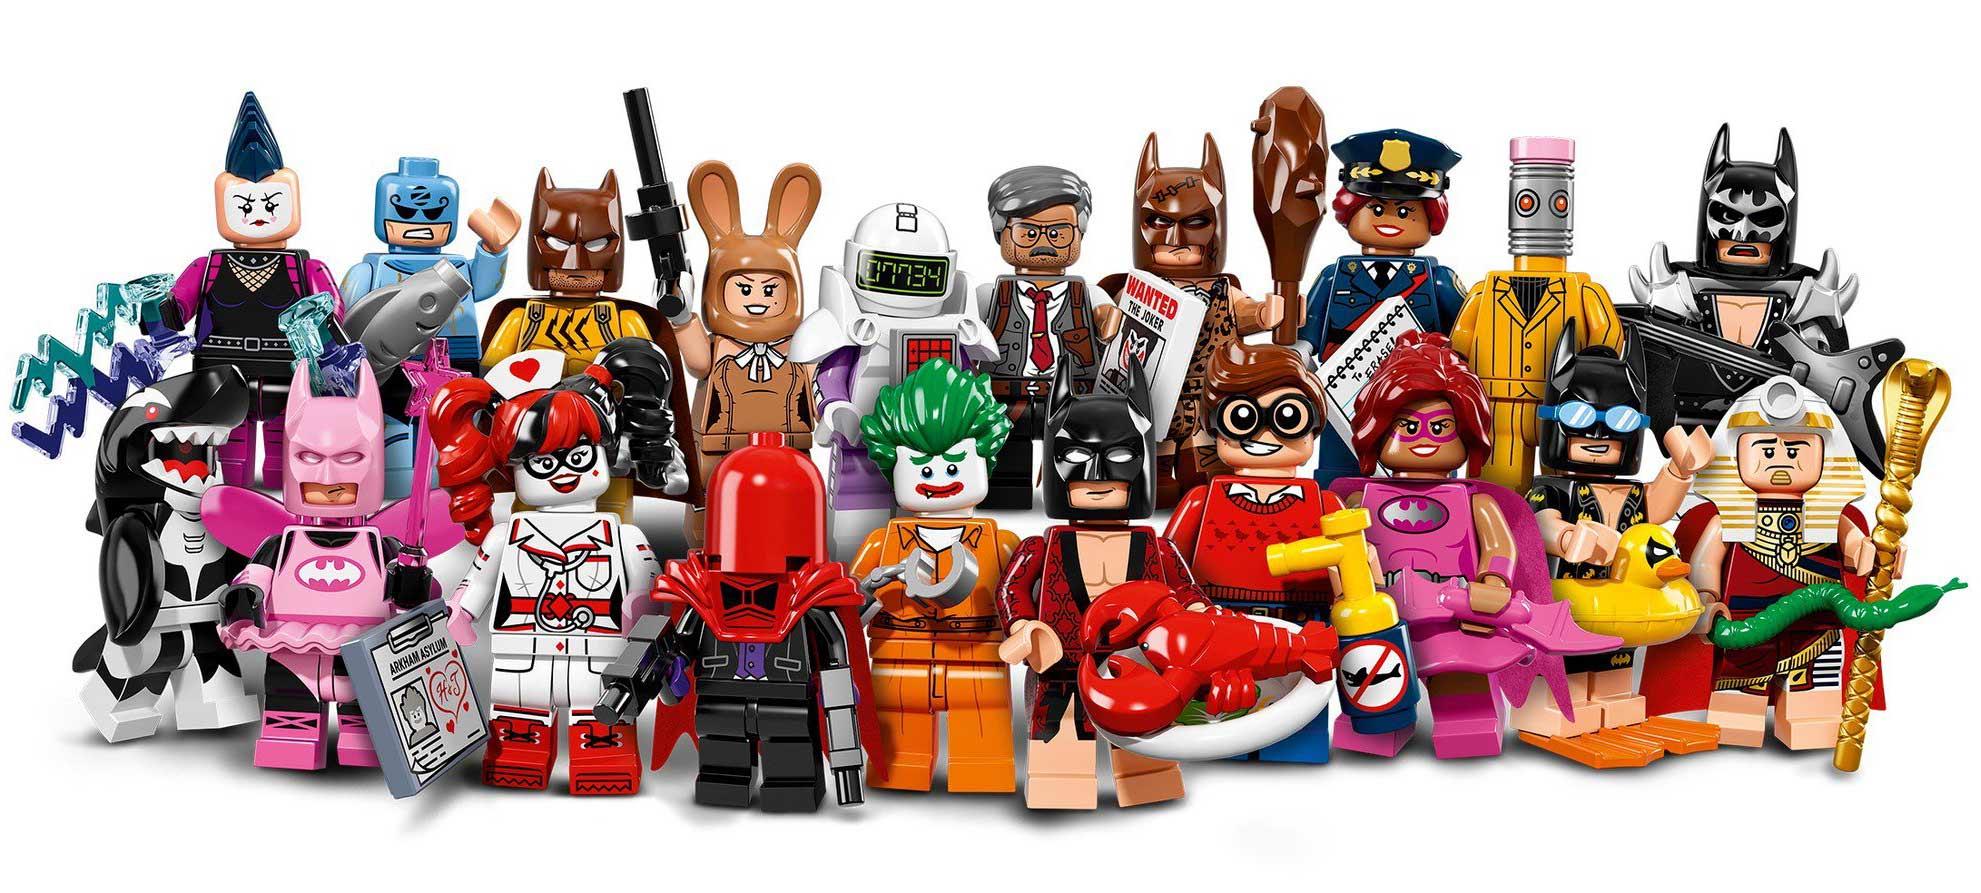 The LEGO Batman Movie: Minifiguren Serie 71017 offiziell vorgestellt | zusammengebaut